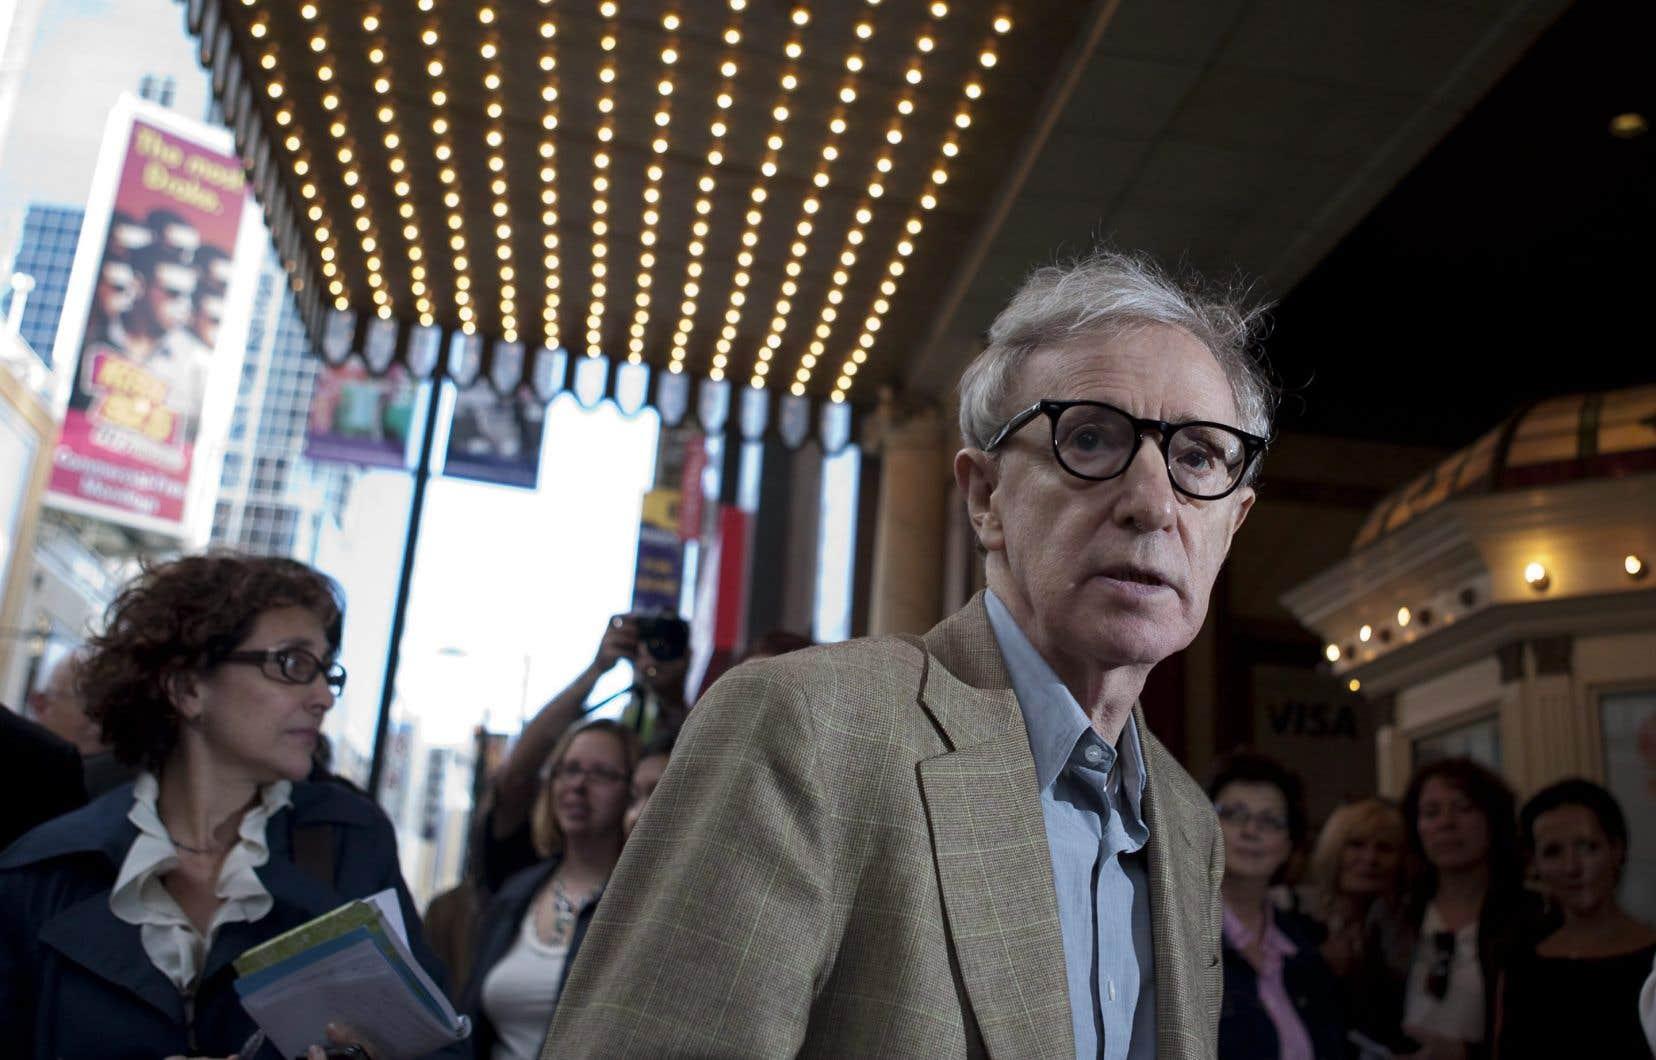 Tombé en disgrâce en 2018, Woody Allen semble avoir écrit cette brique de plus de 500 pages dans l'urgence de donner sa version des faits, sa vérité.